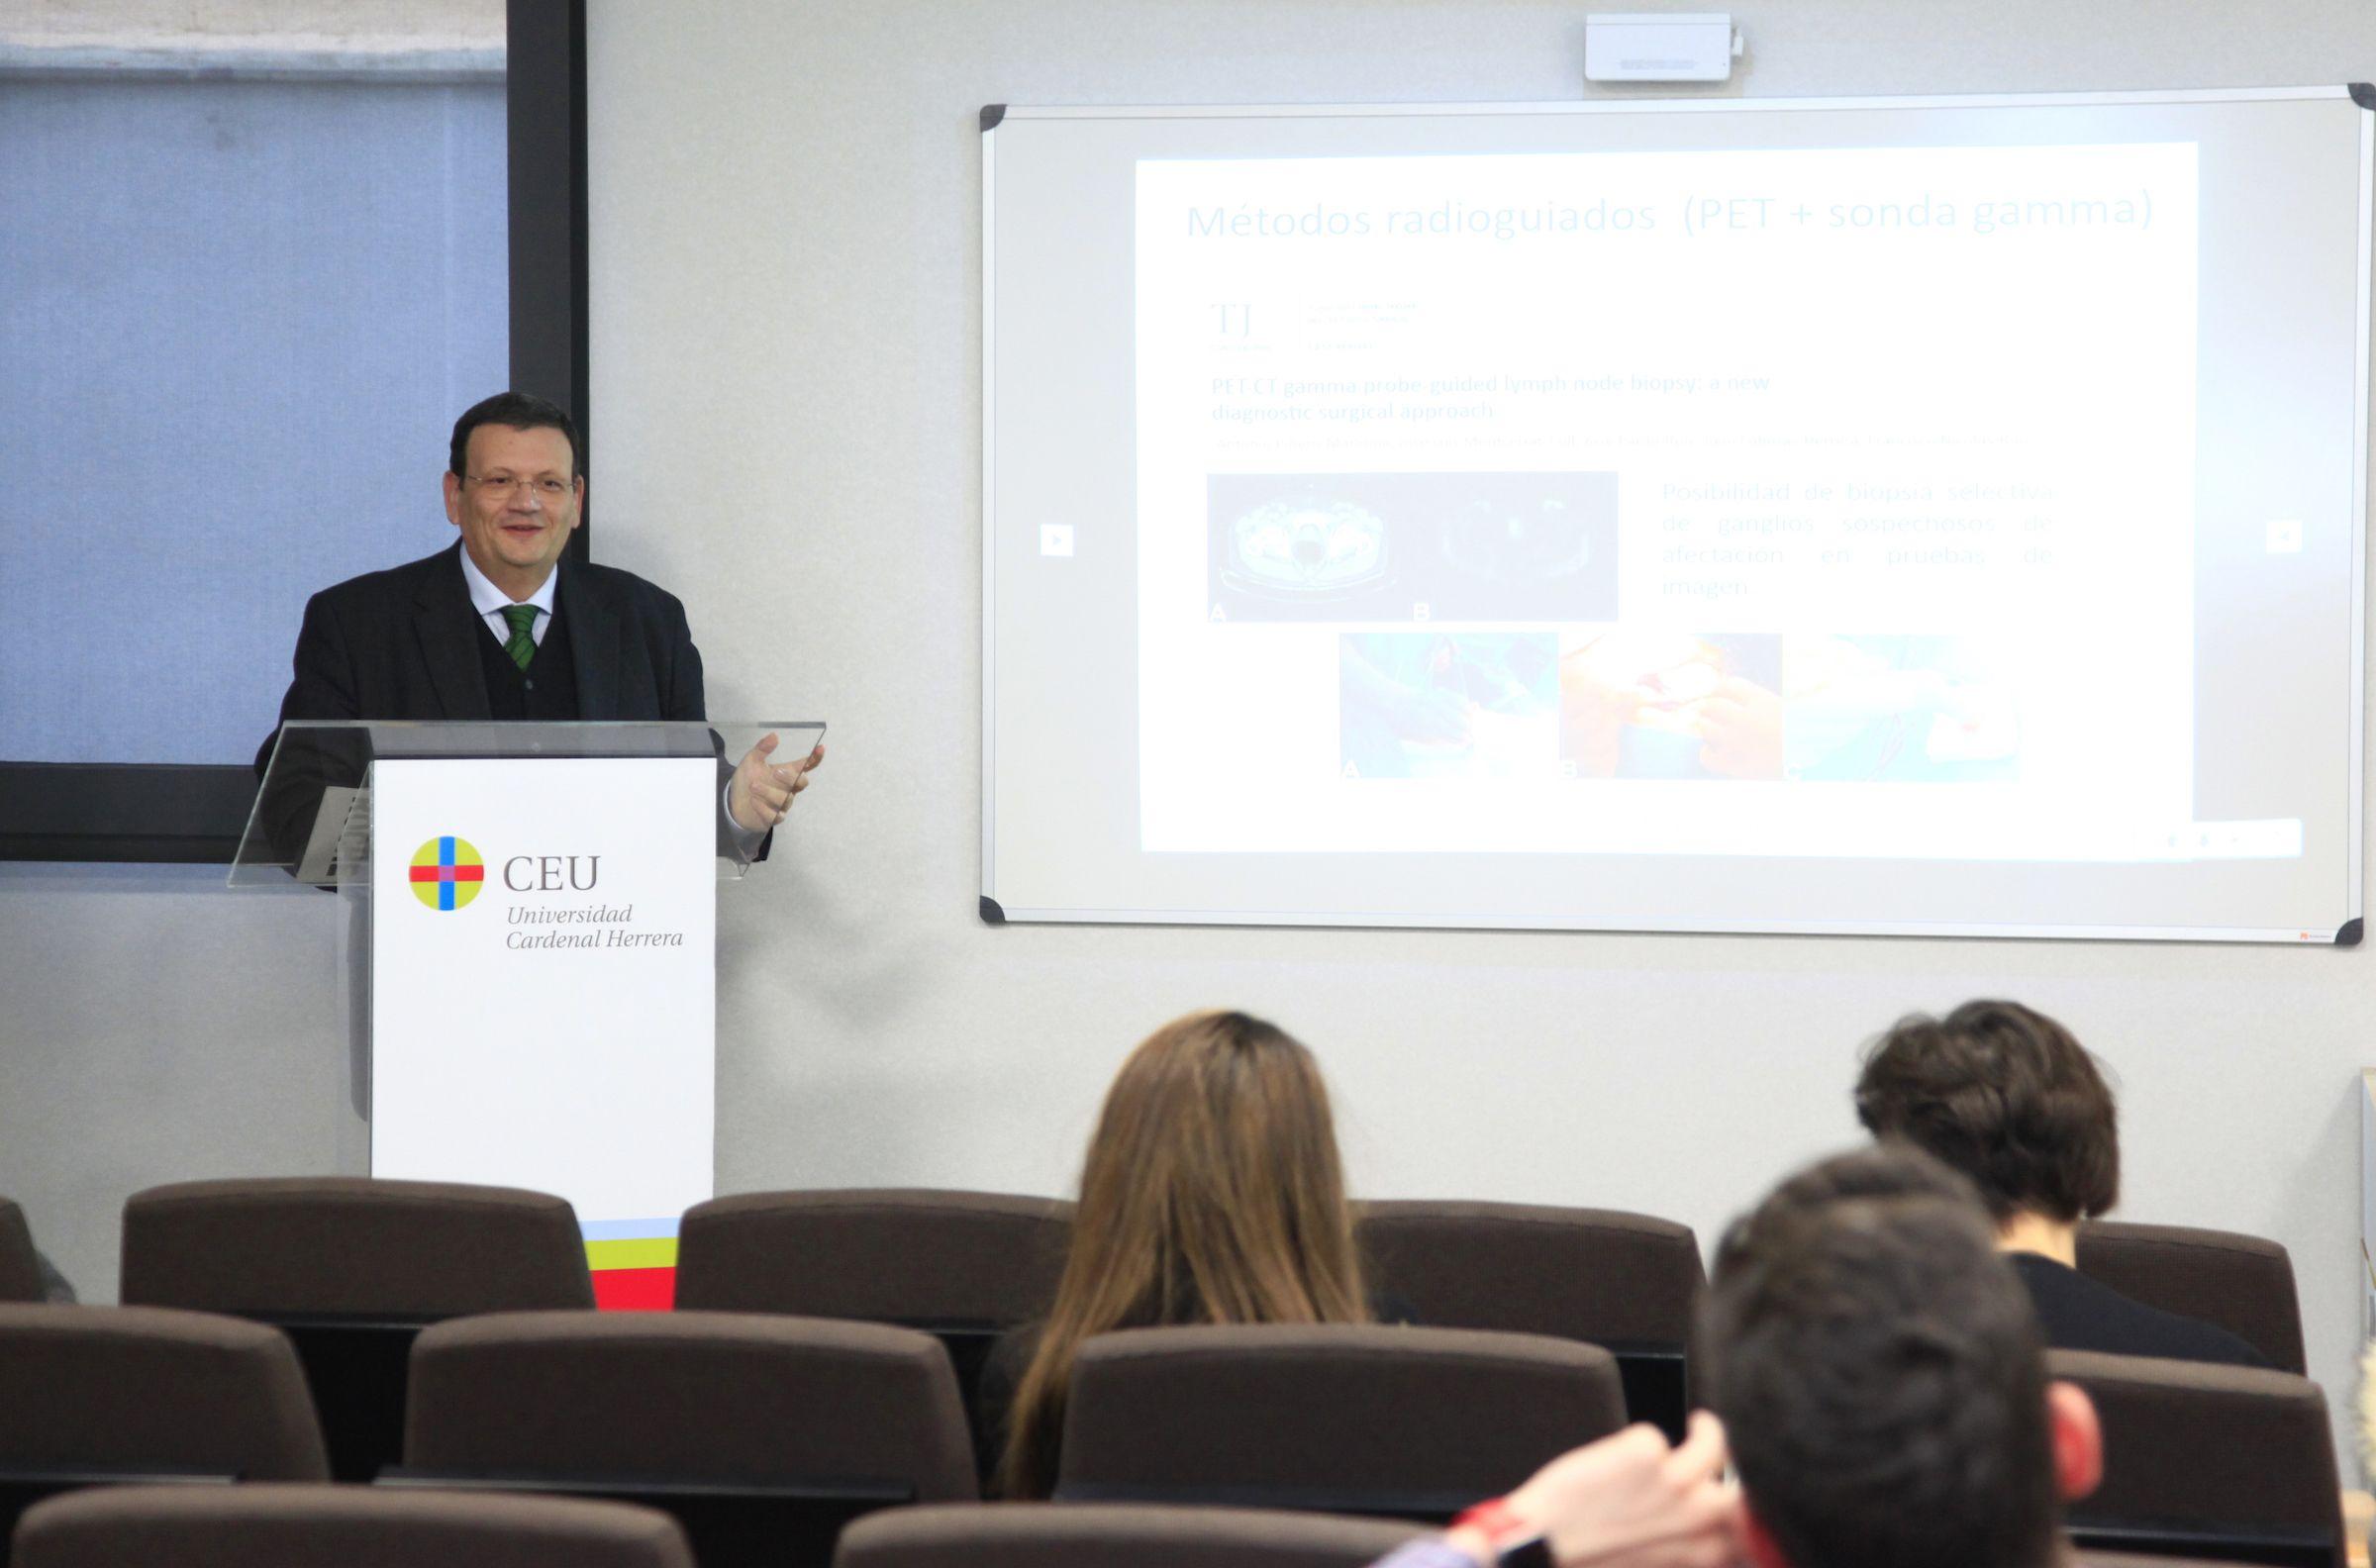 El doctor Antonio Piñero, durante su intervención en el curso de la SEOQ en la CEU UCH.